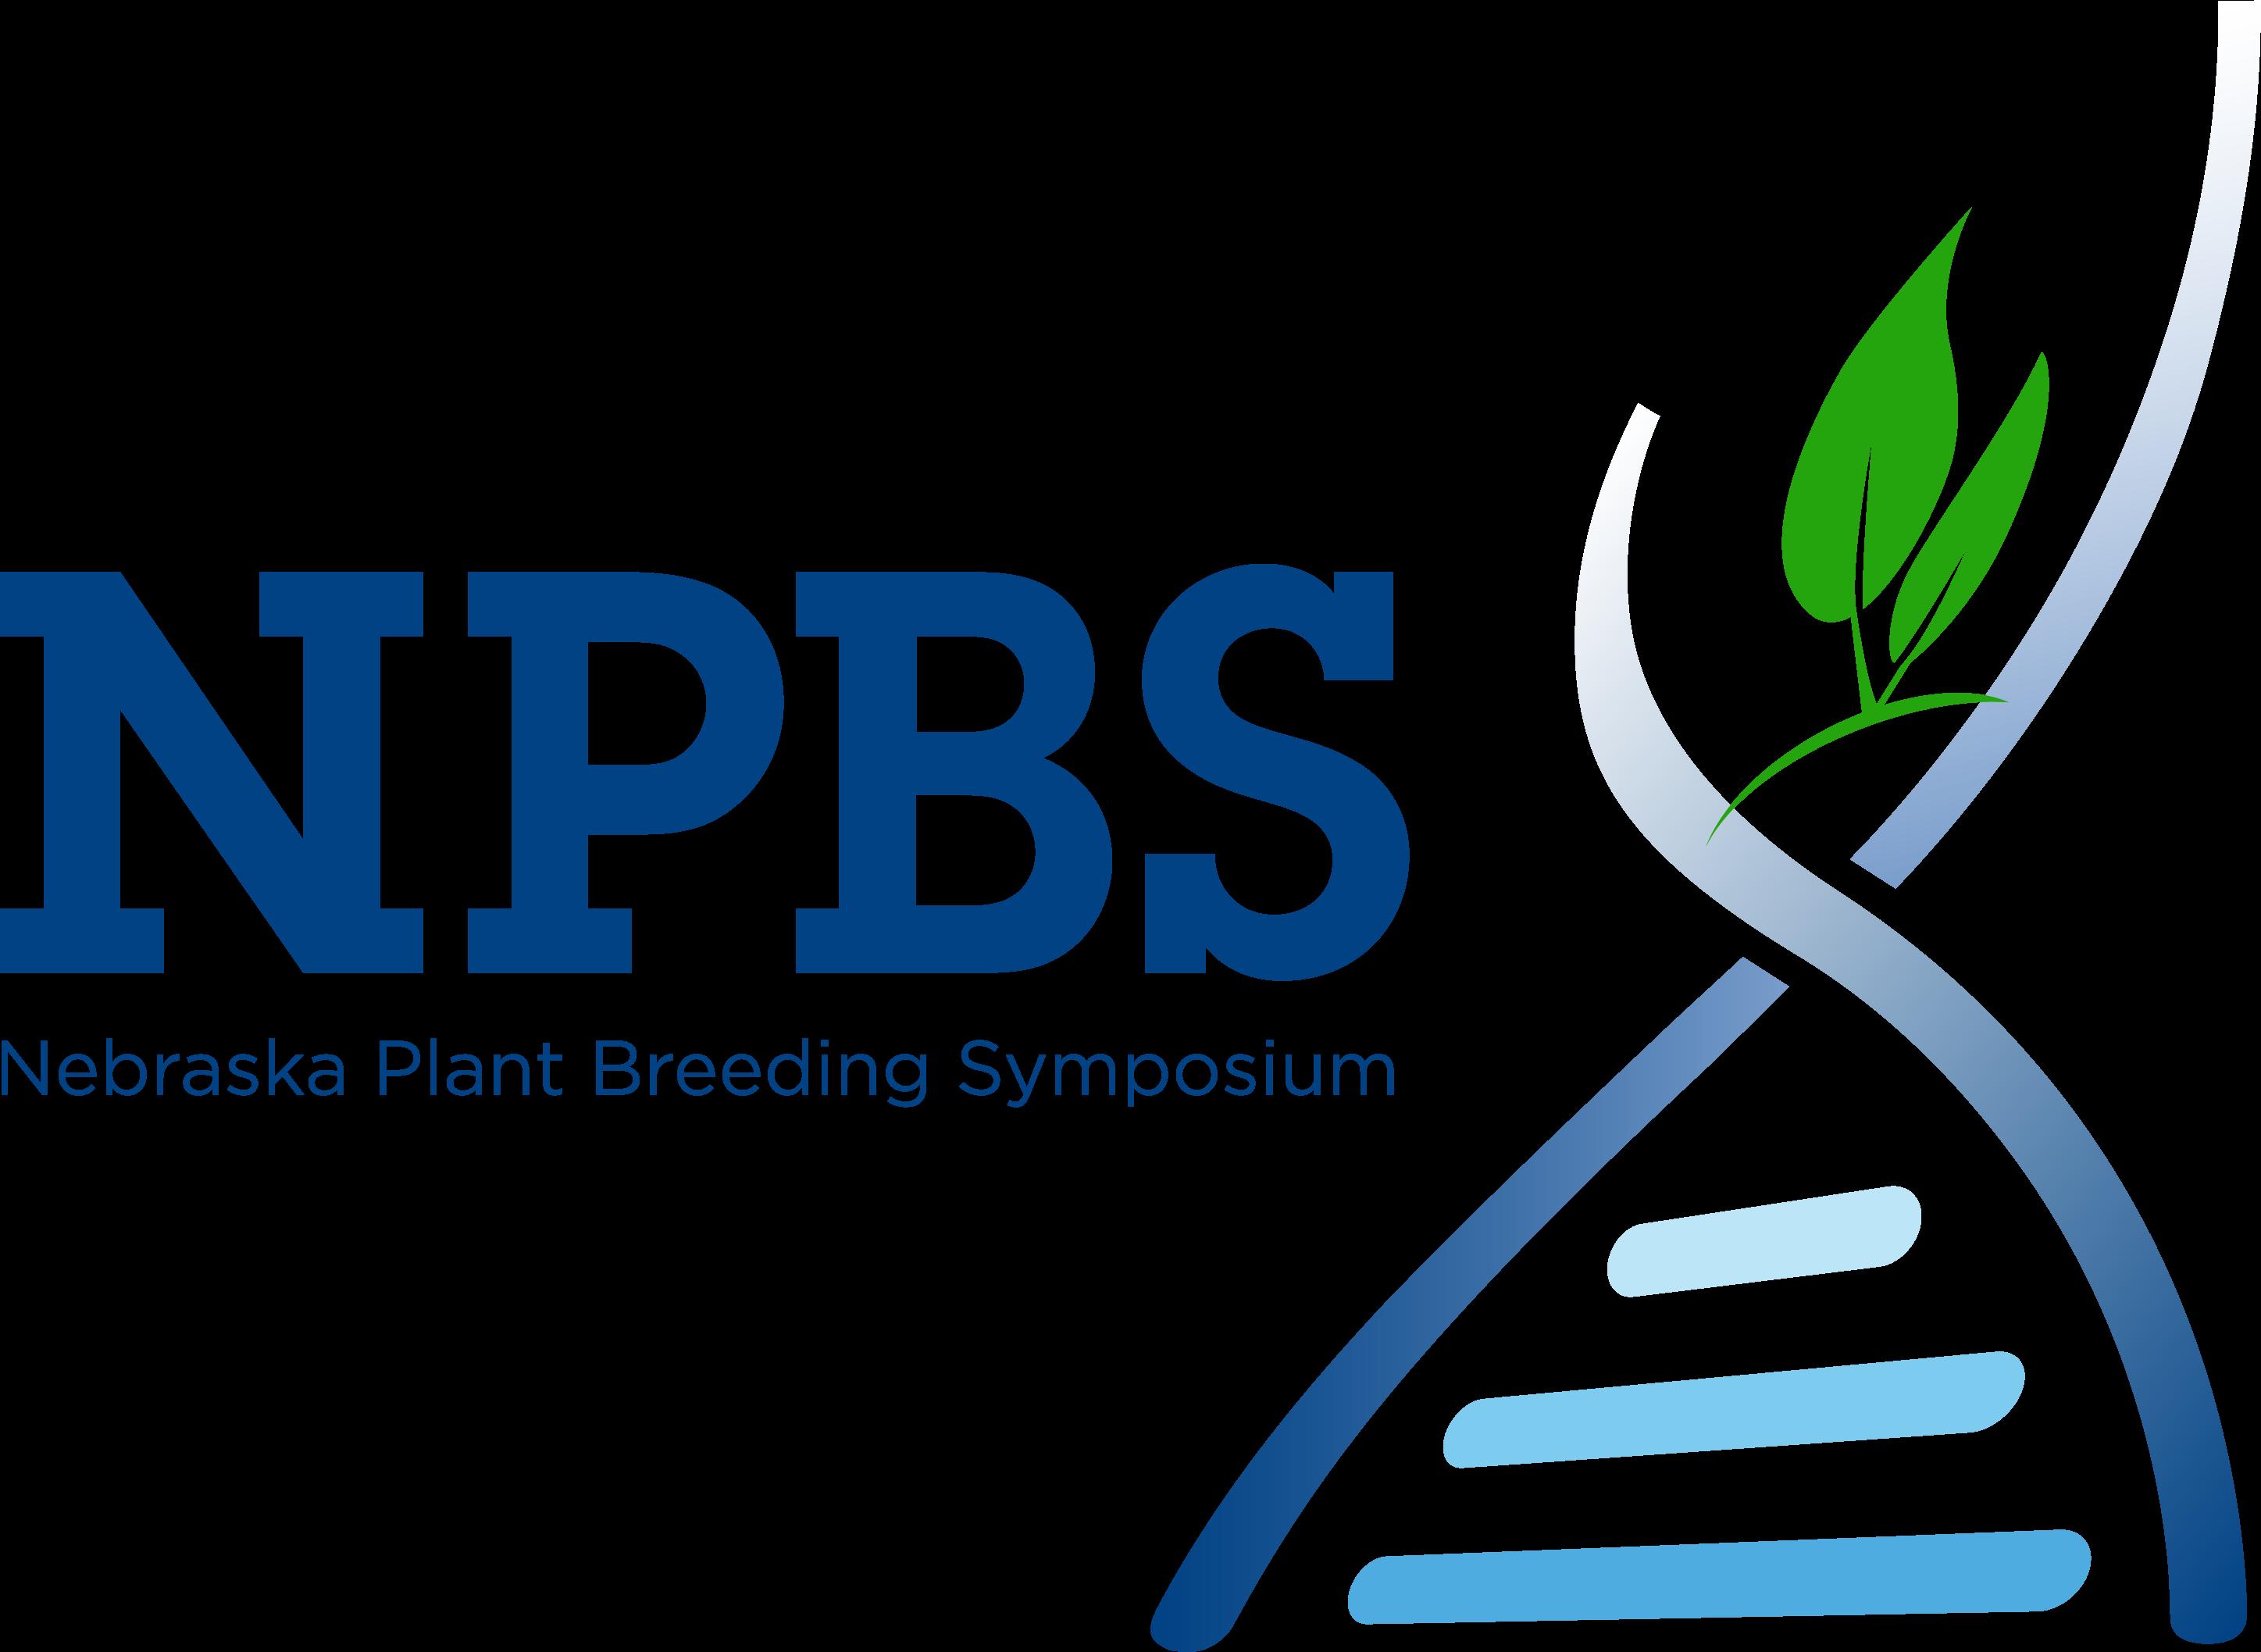 Nebraska Plant Breeding Symposium